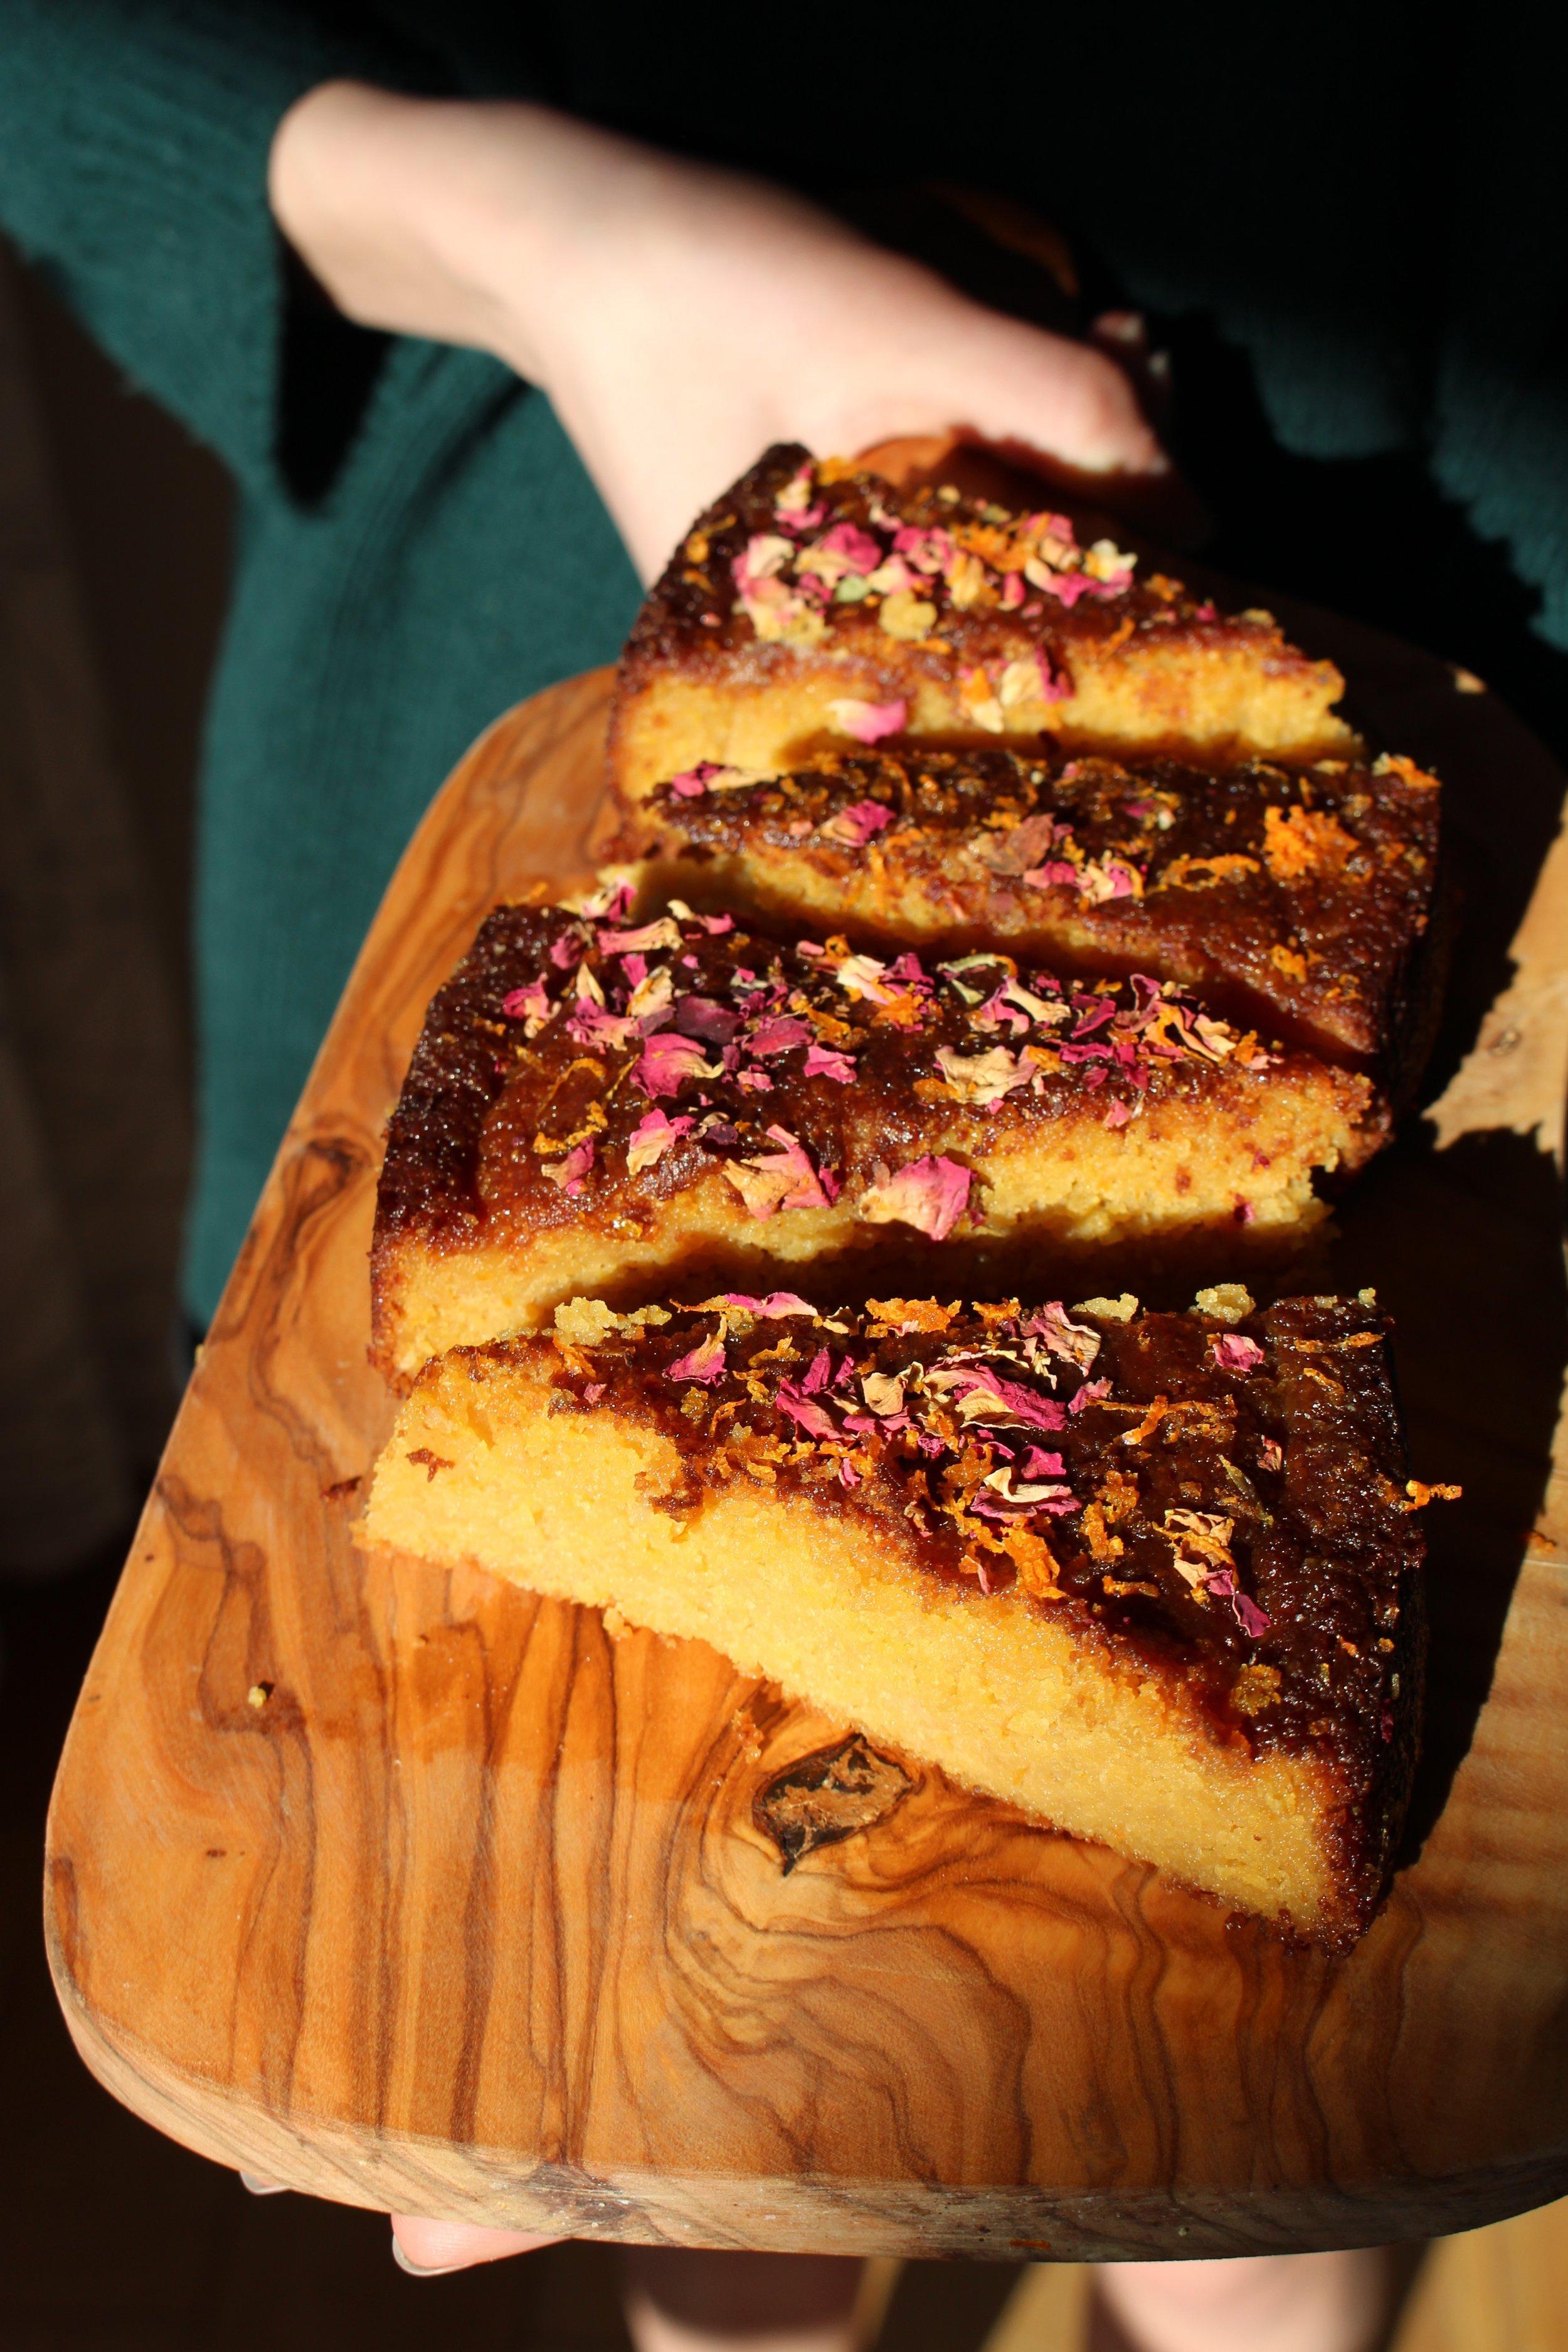 cake slices on the board in dark light copy.jpg